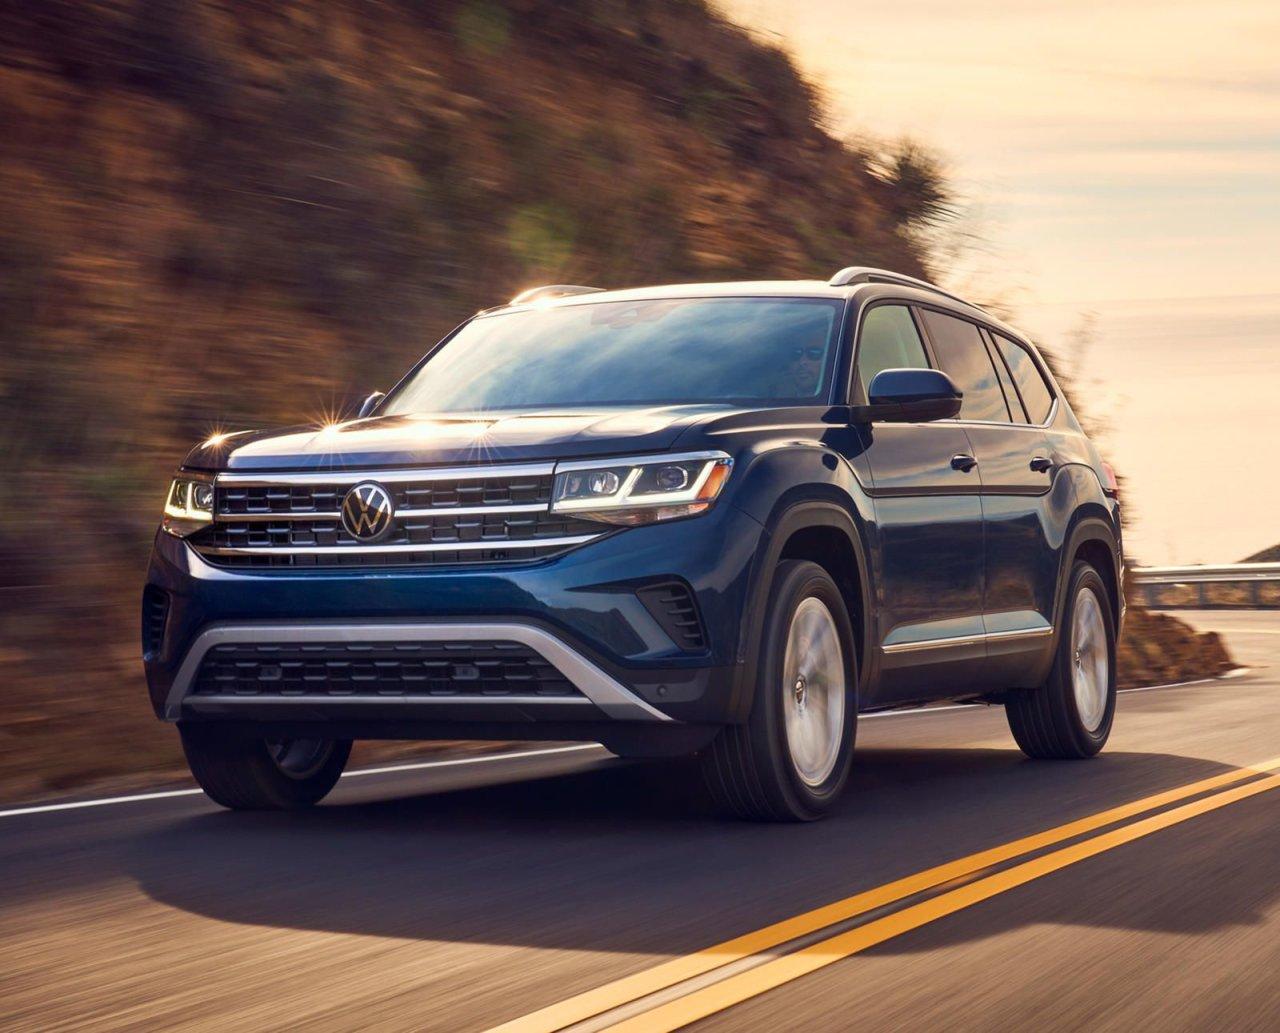 Volkswagen анонсировал обновленный Teramont для России